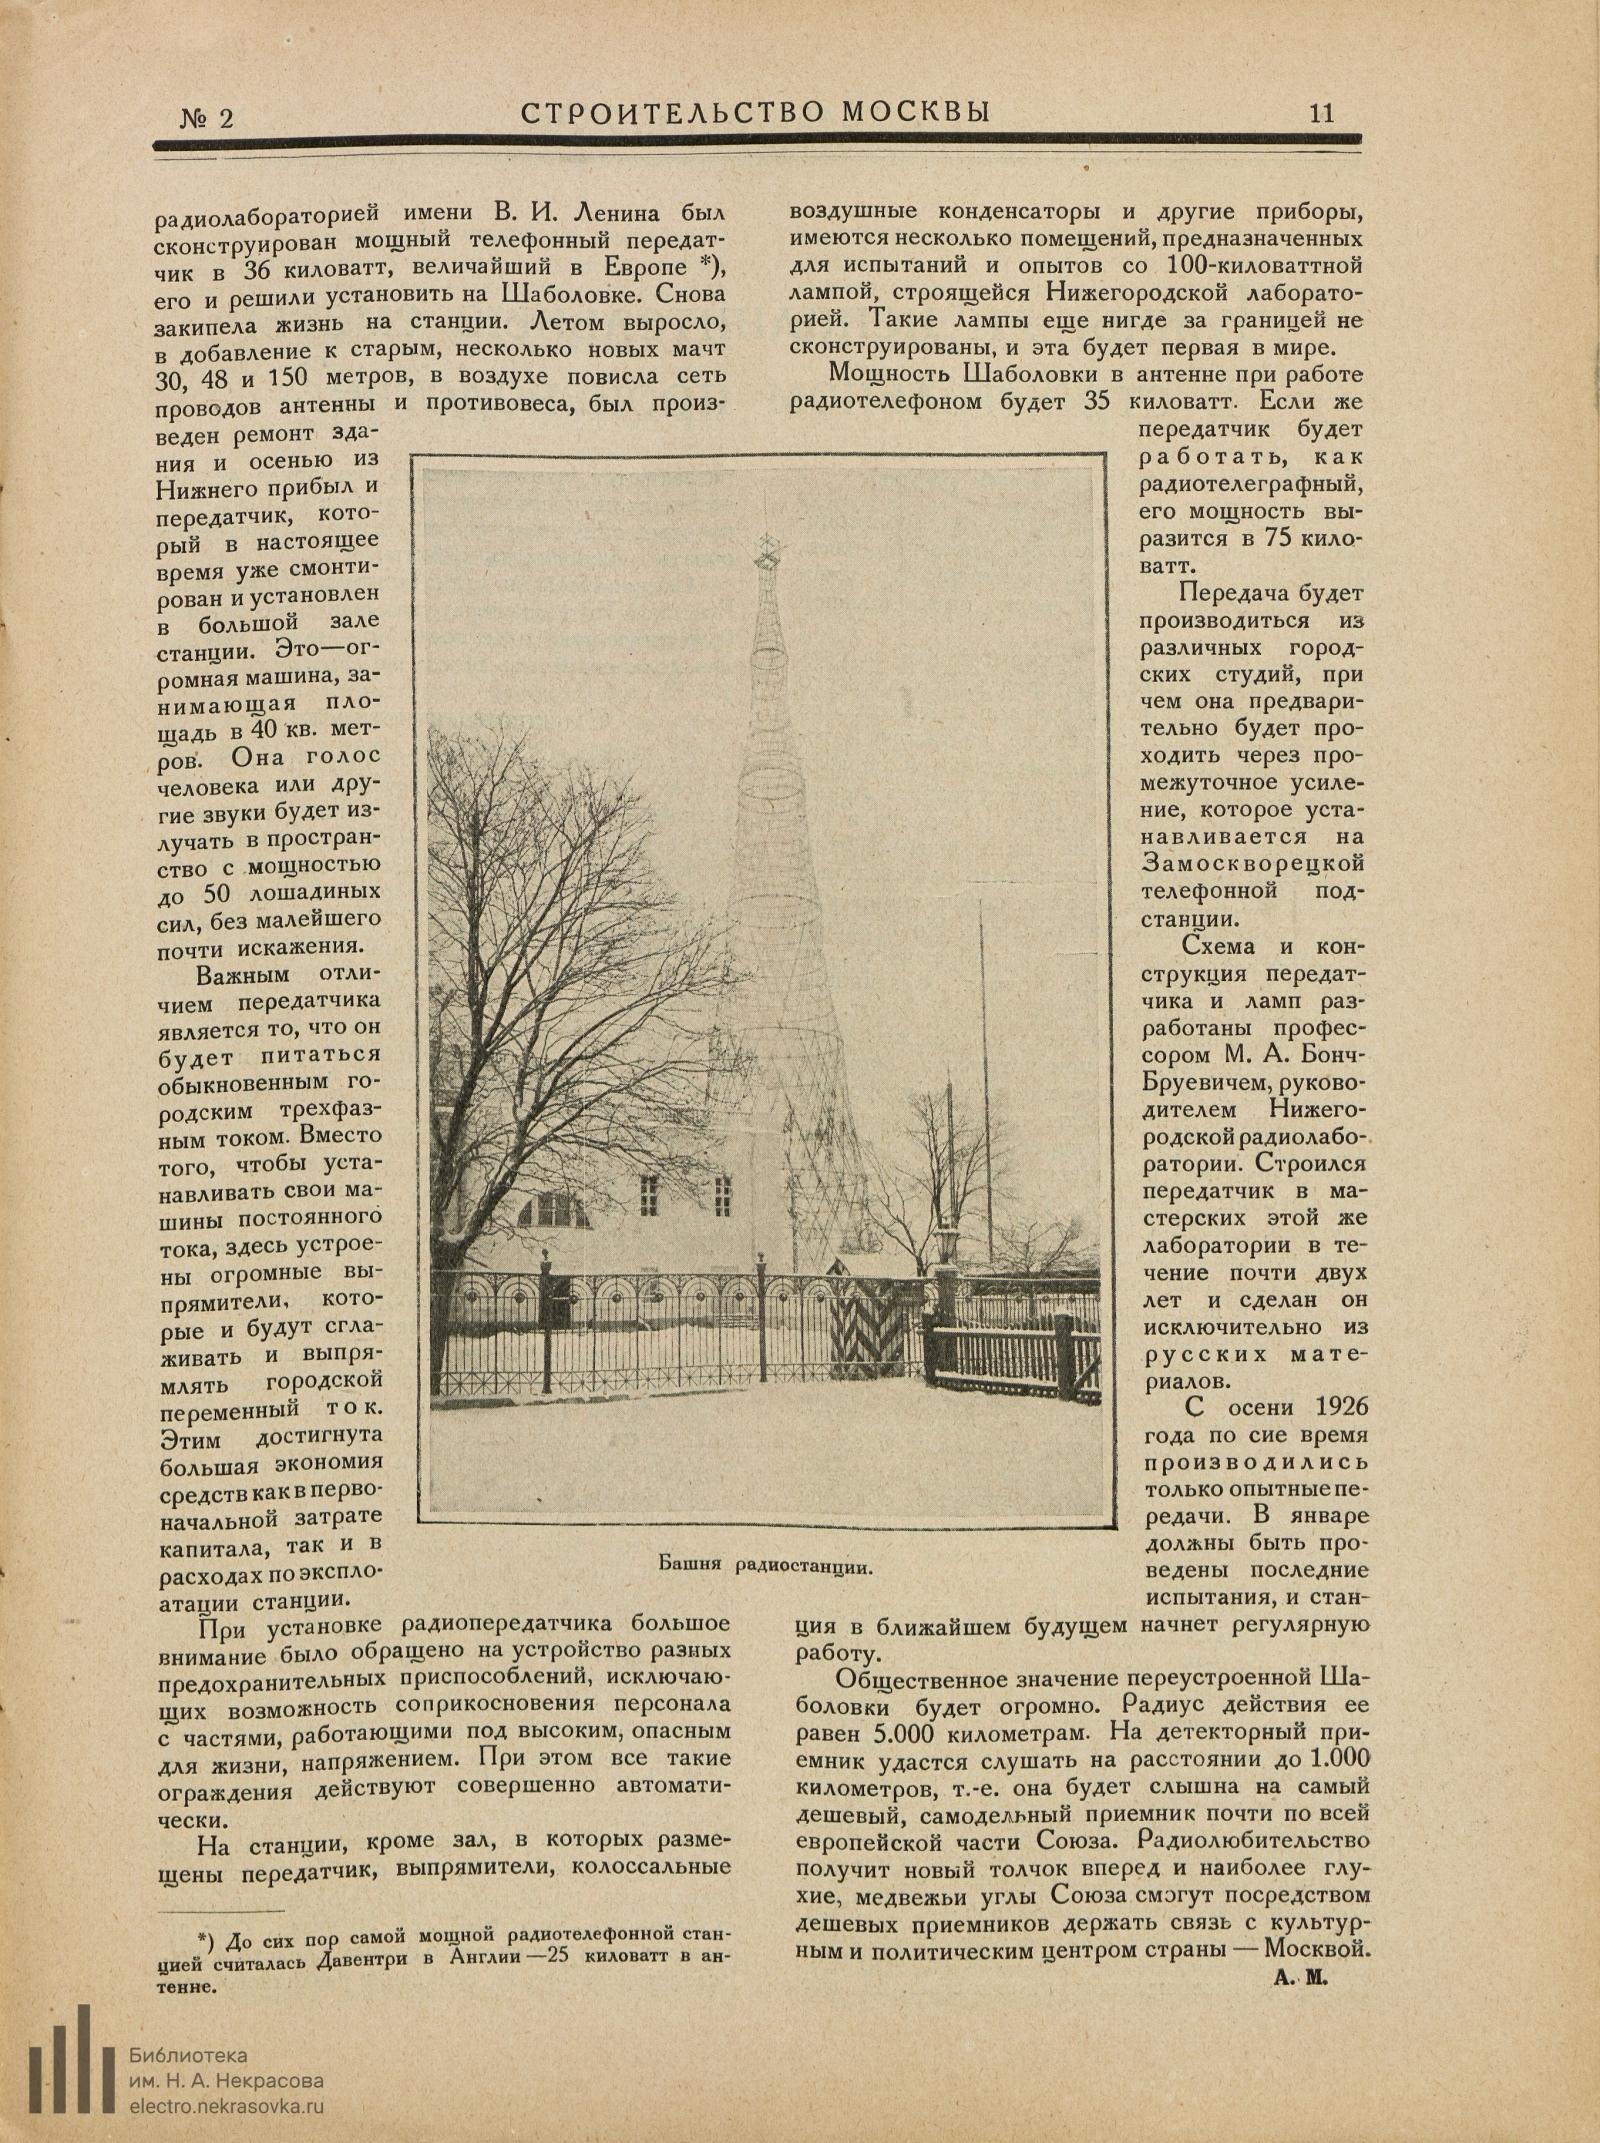 Статья о Шаболовской радиостанции 1927 г.